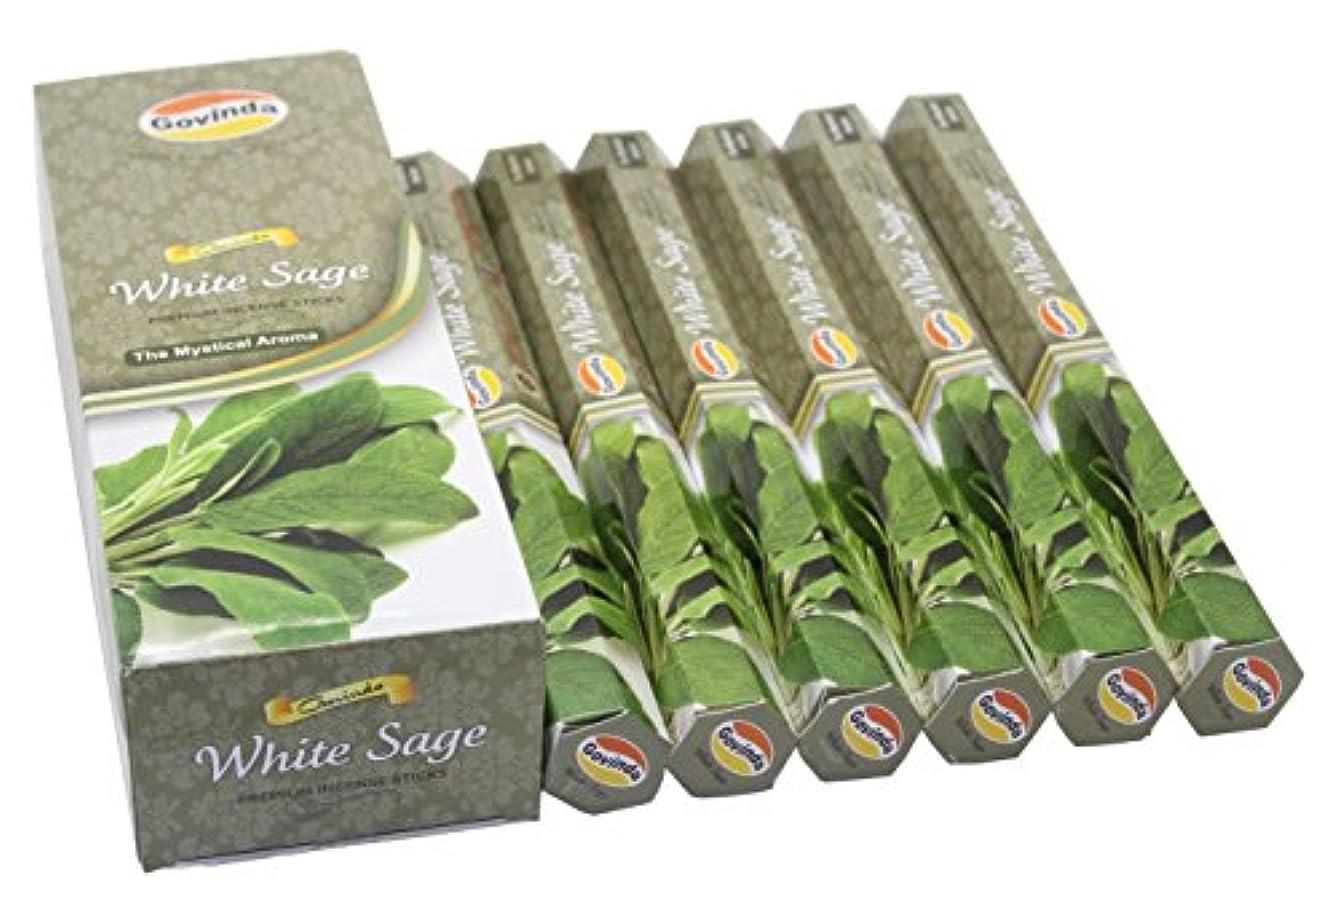 存在専門水っぽいGovinda Incense - White Sage - 120 Incense Sticks, Premium Incense, Masala Coated